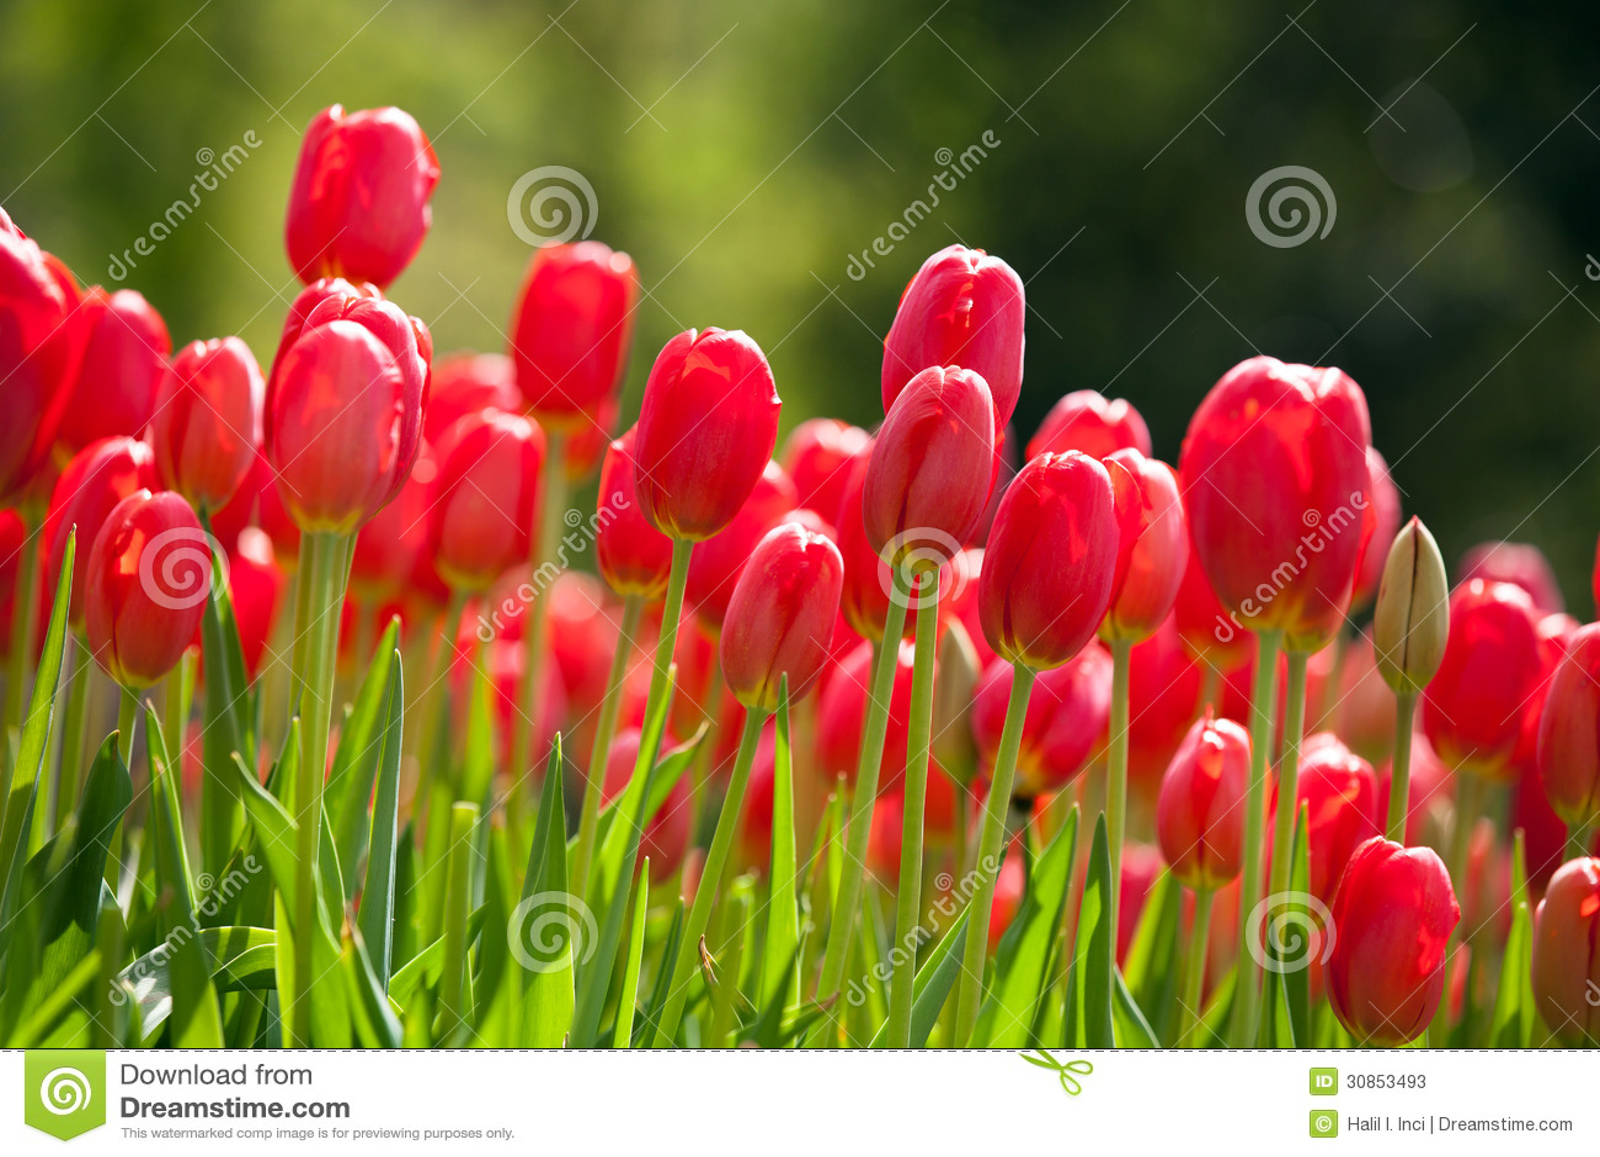 Tulipes rouges au printemps